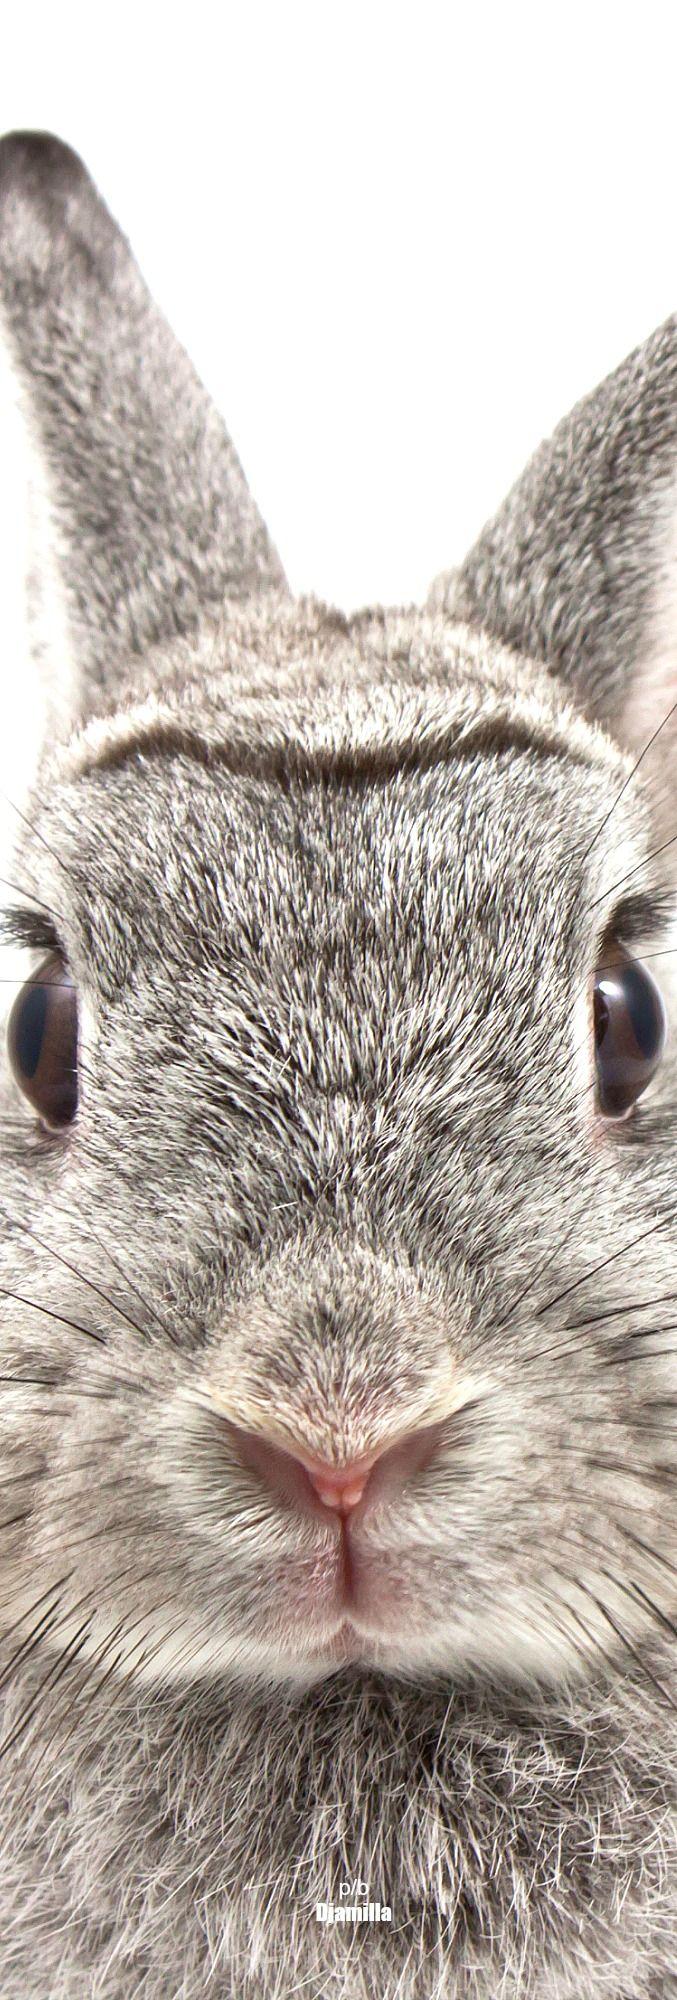 Bunny ❤